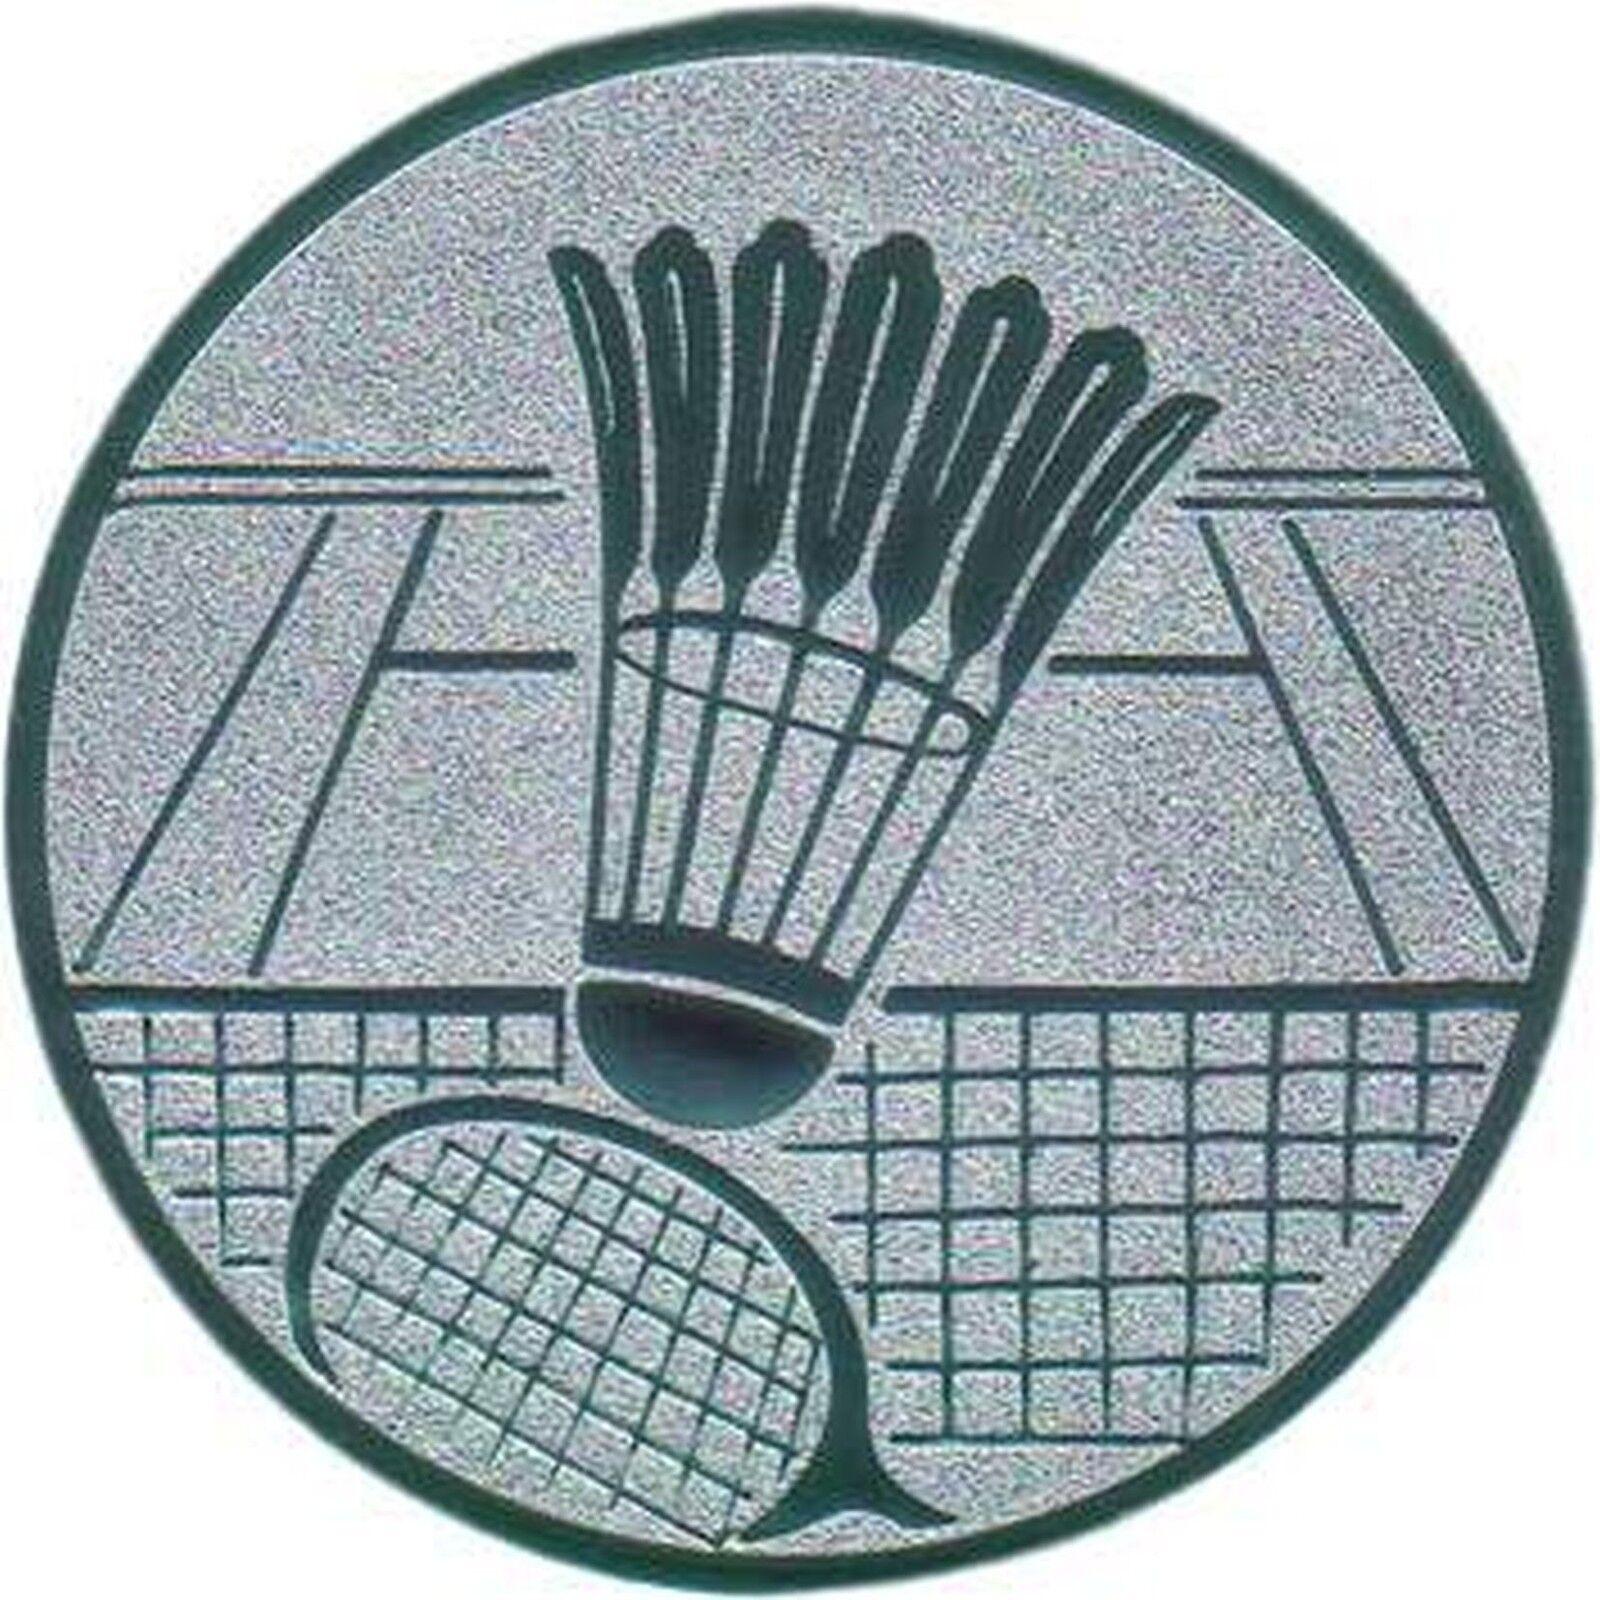 100 große Embleme Badminton Gold  D 50mm (für (für (für Medaillen Pokale Pokal Medaille) 4a7118